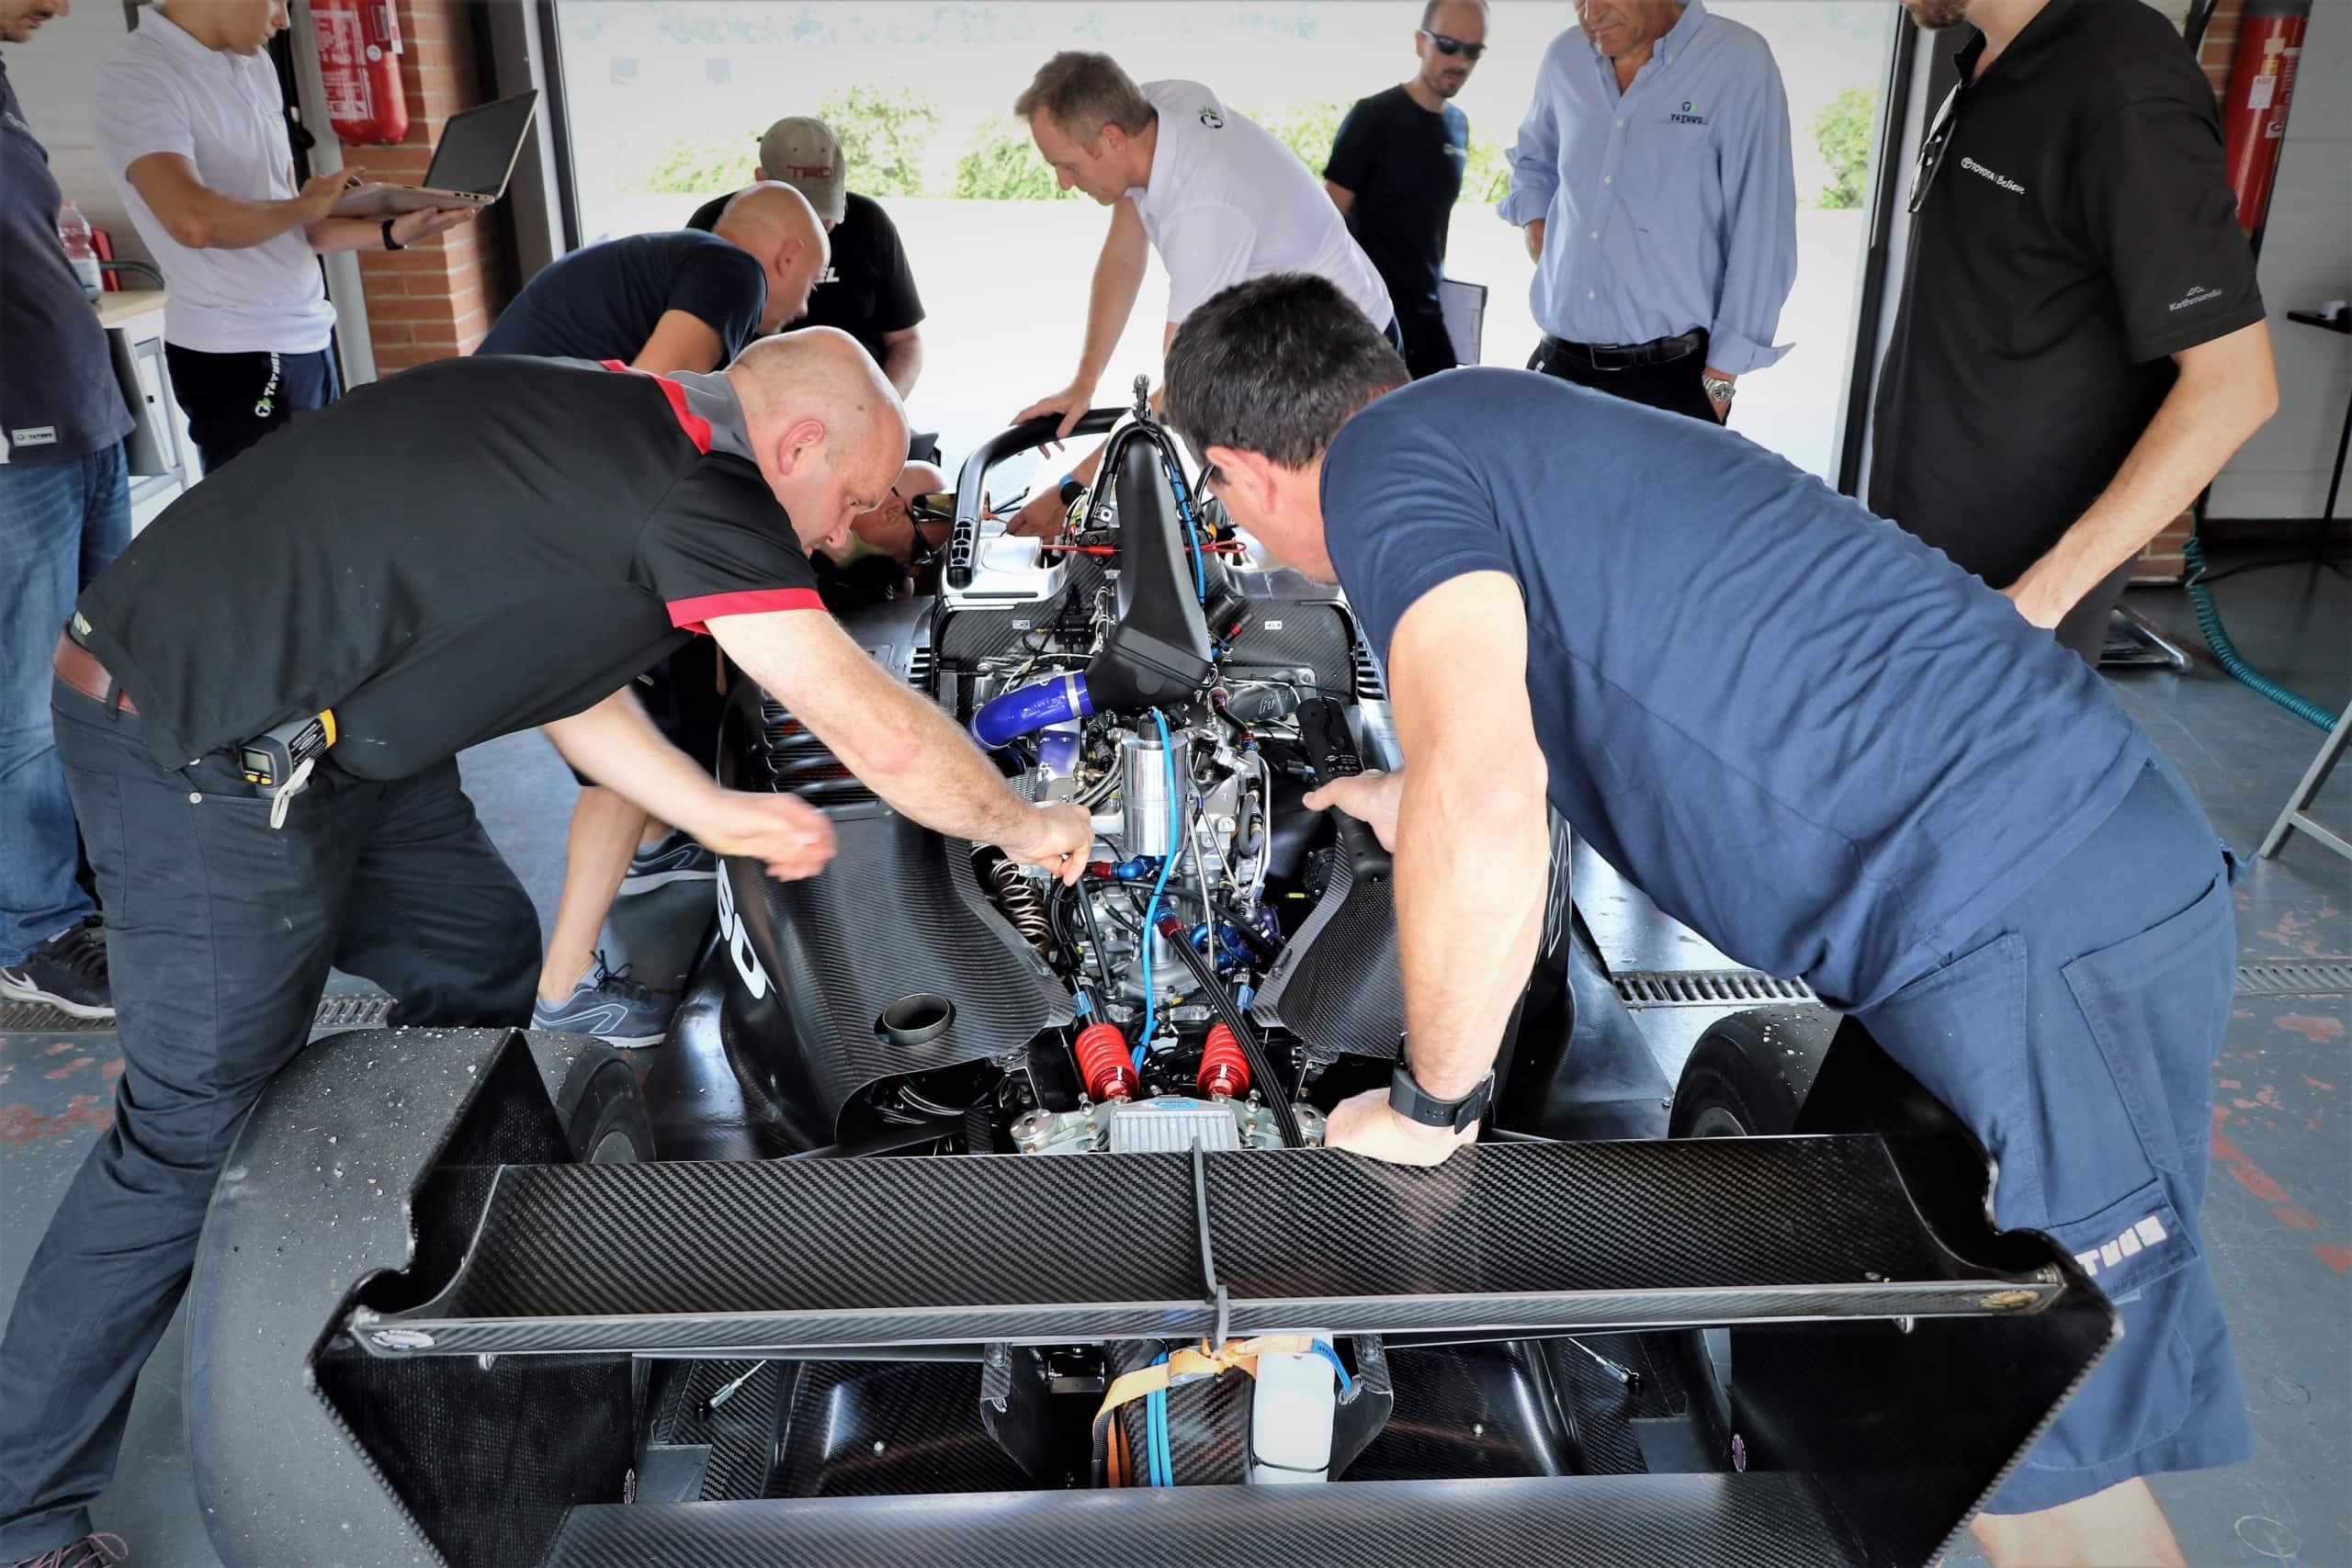 Gemäss David Gouk von David Gouk Race Engines überzeugte die Beschaffenheit und das Material in den Tests nicht nur optisch, sondern hielt auch auf der Rennstrecke der enormen Geschwindigkeit und Hitze sowie den Druckkräften stand.